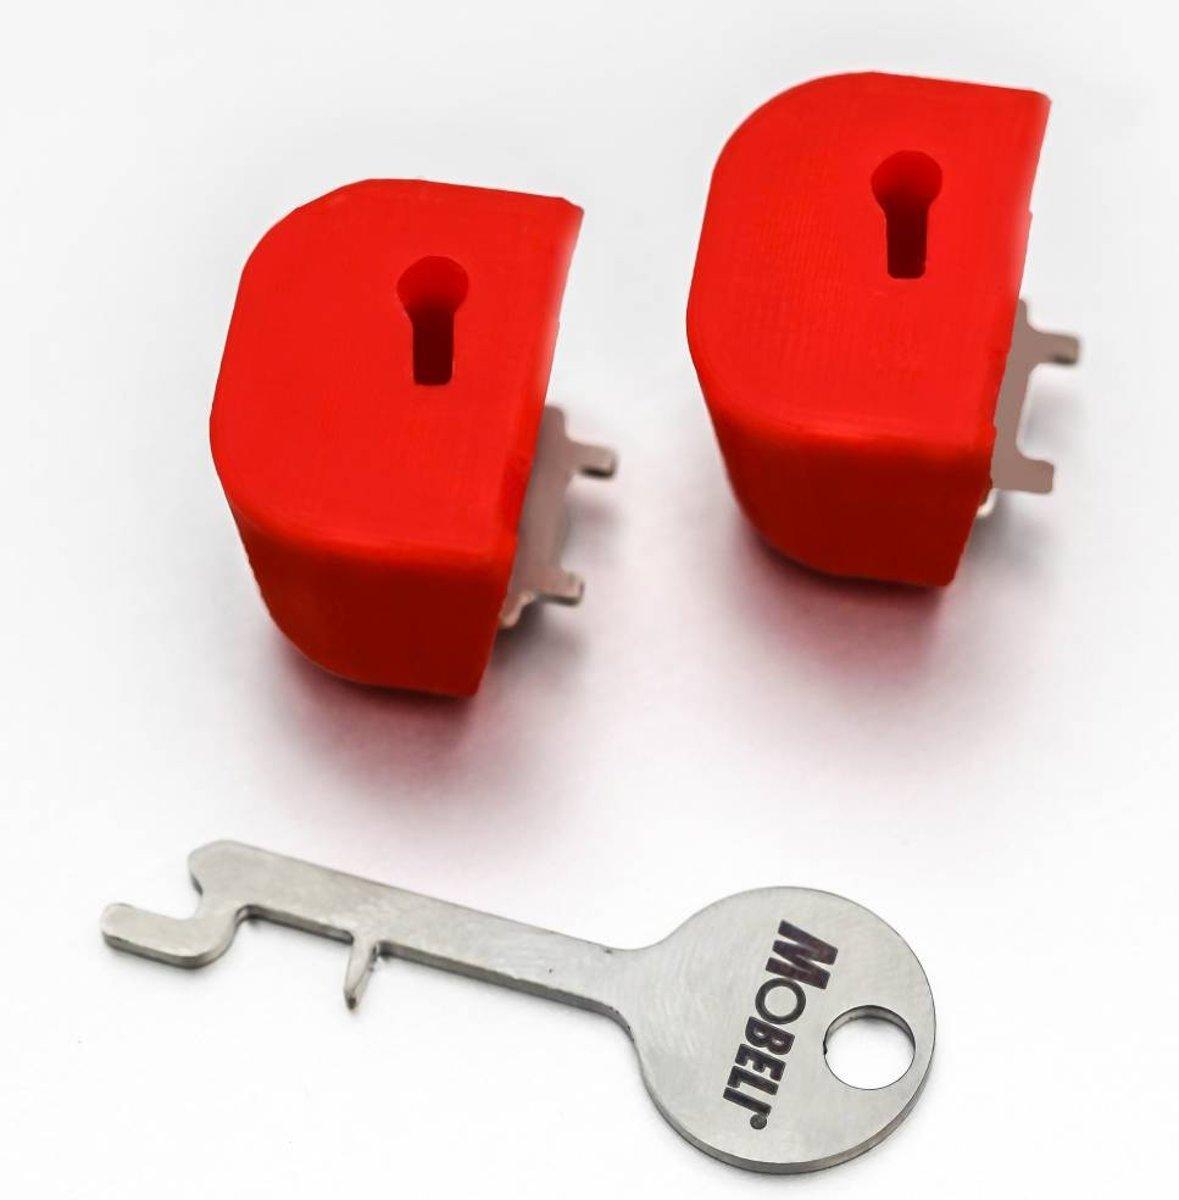 Vergrendeling Mobeli® met sleutel voor zuignap 2 rode items met 1 sleutel kopen